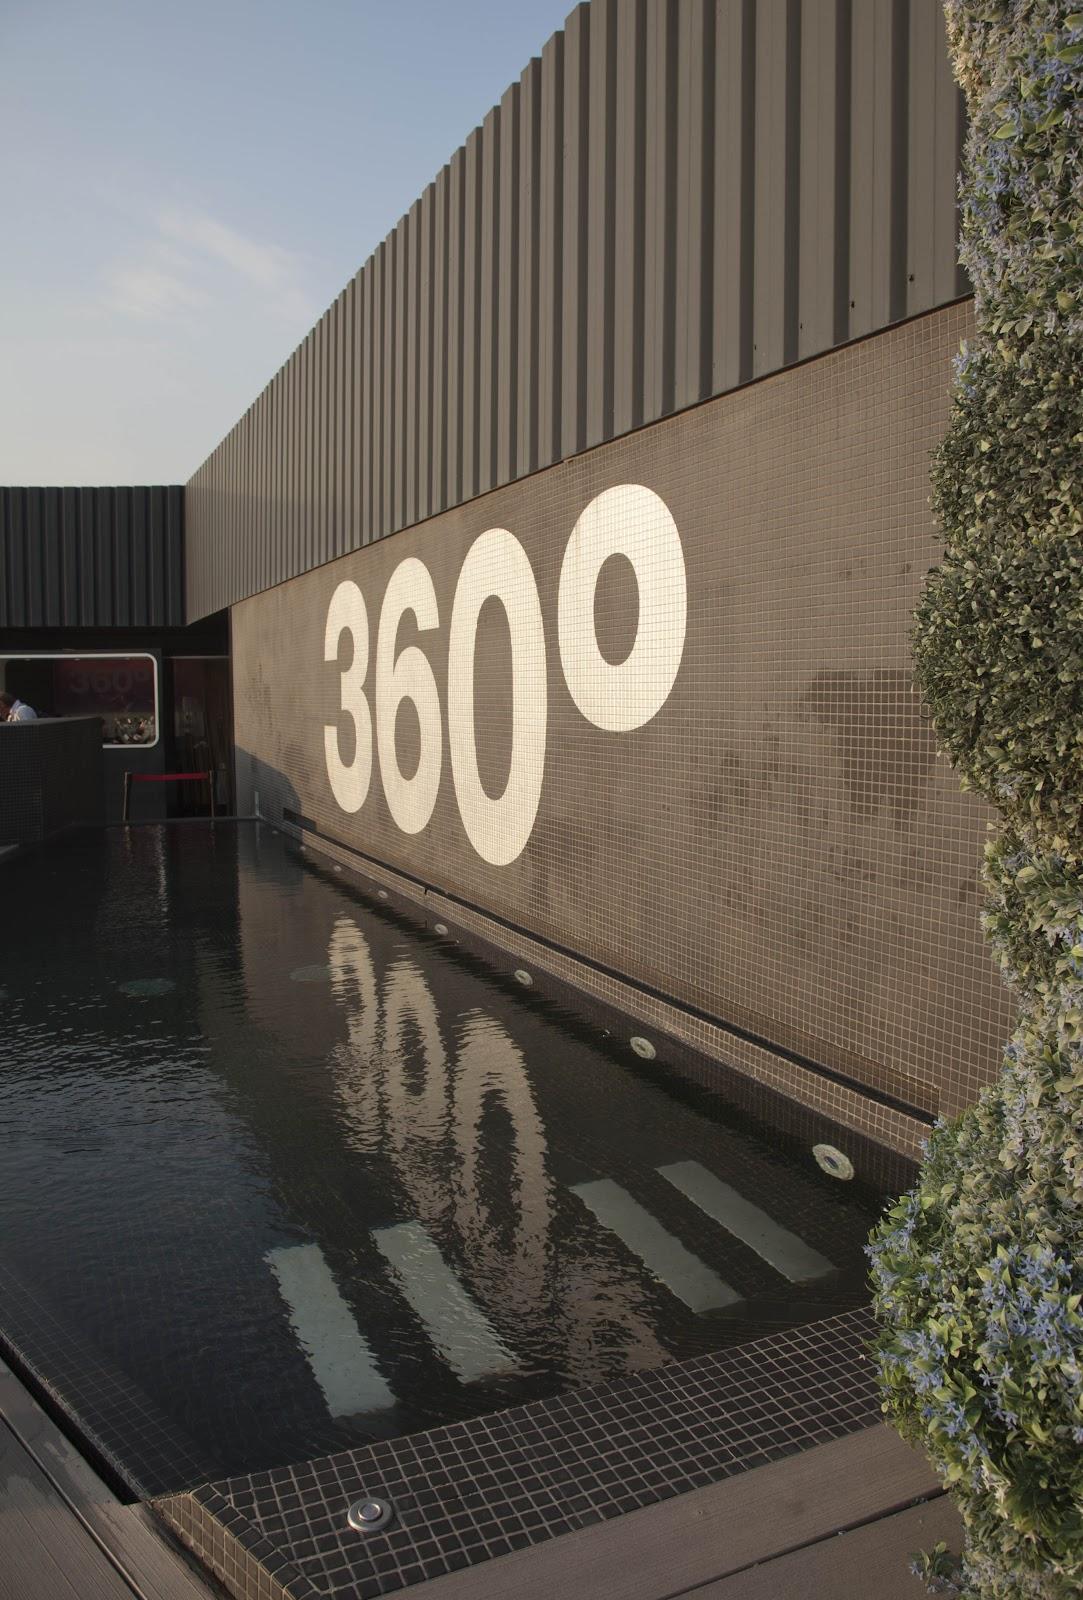 La florinata en la ciudad especial terrazas vistas de 360 for Especial terrazas